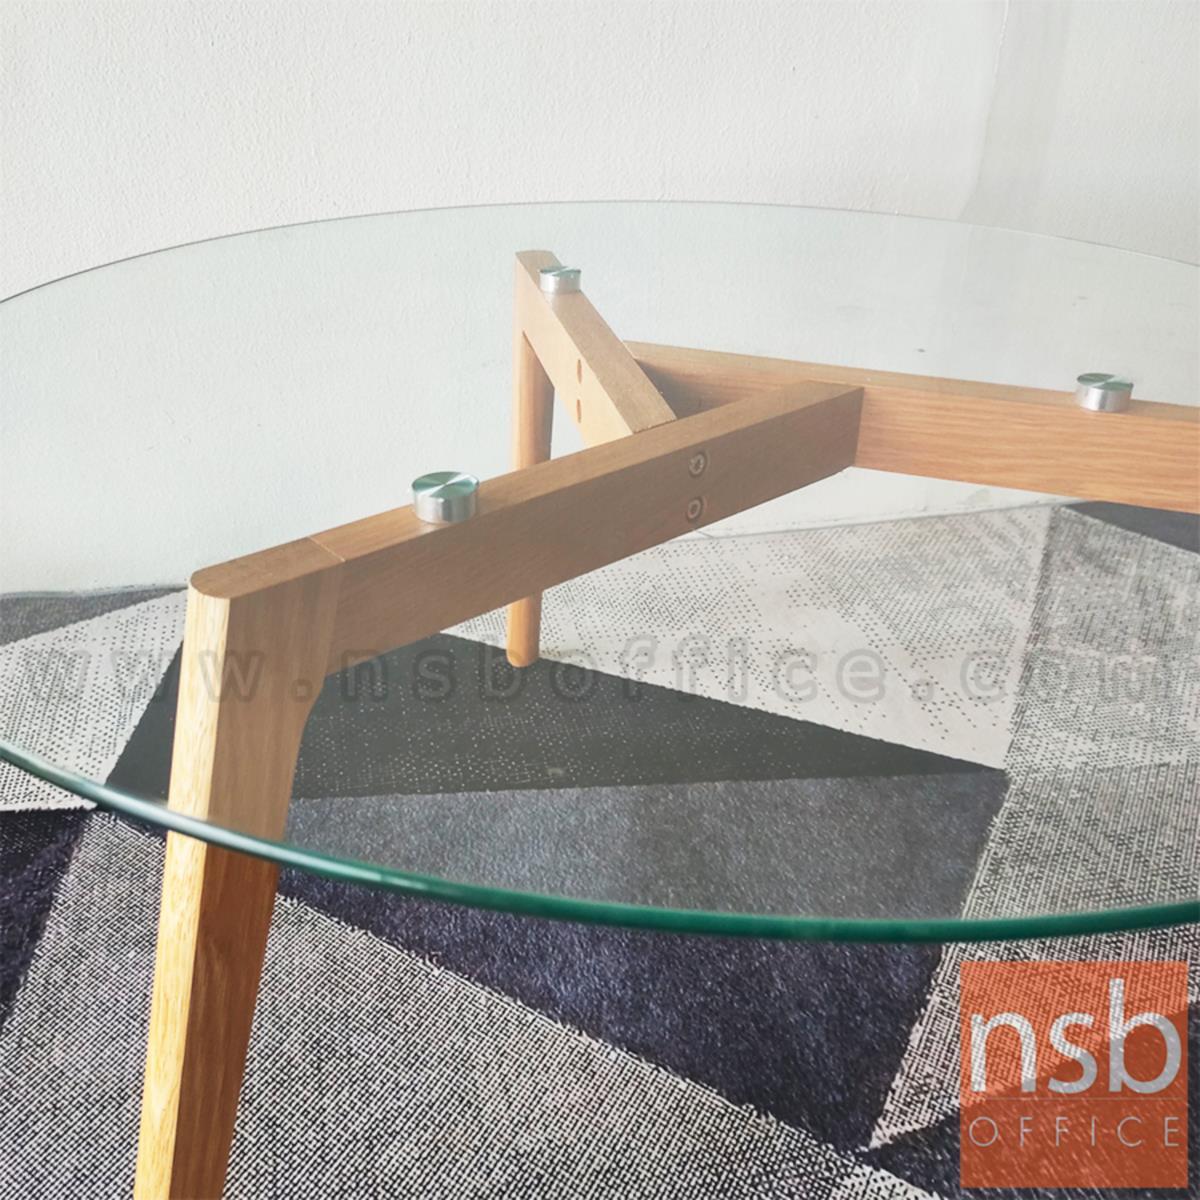 โต๊ะกลางกระจกกลม  รุ่น Kane (เคน) ขนาด 90Di cm. ขาไม้